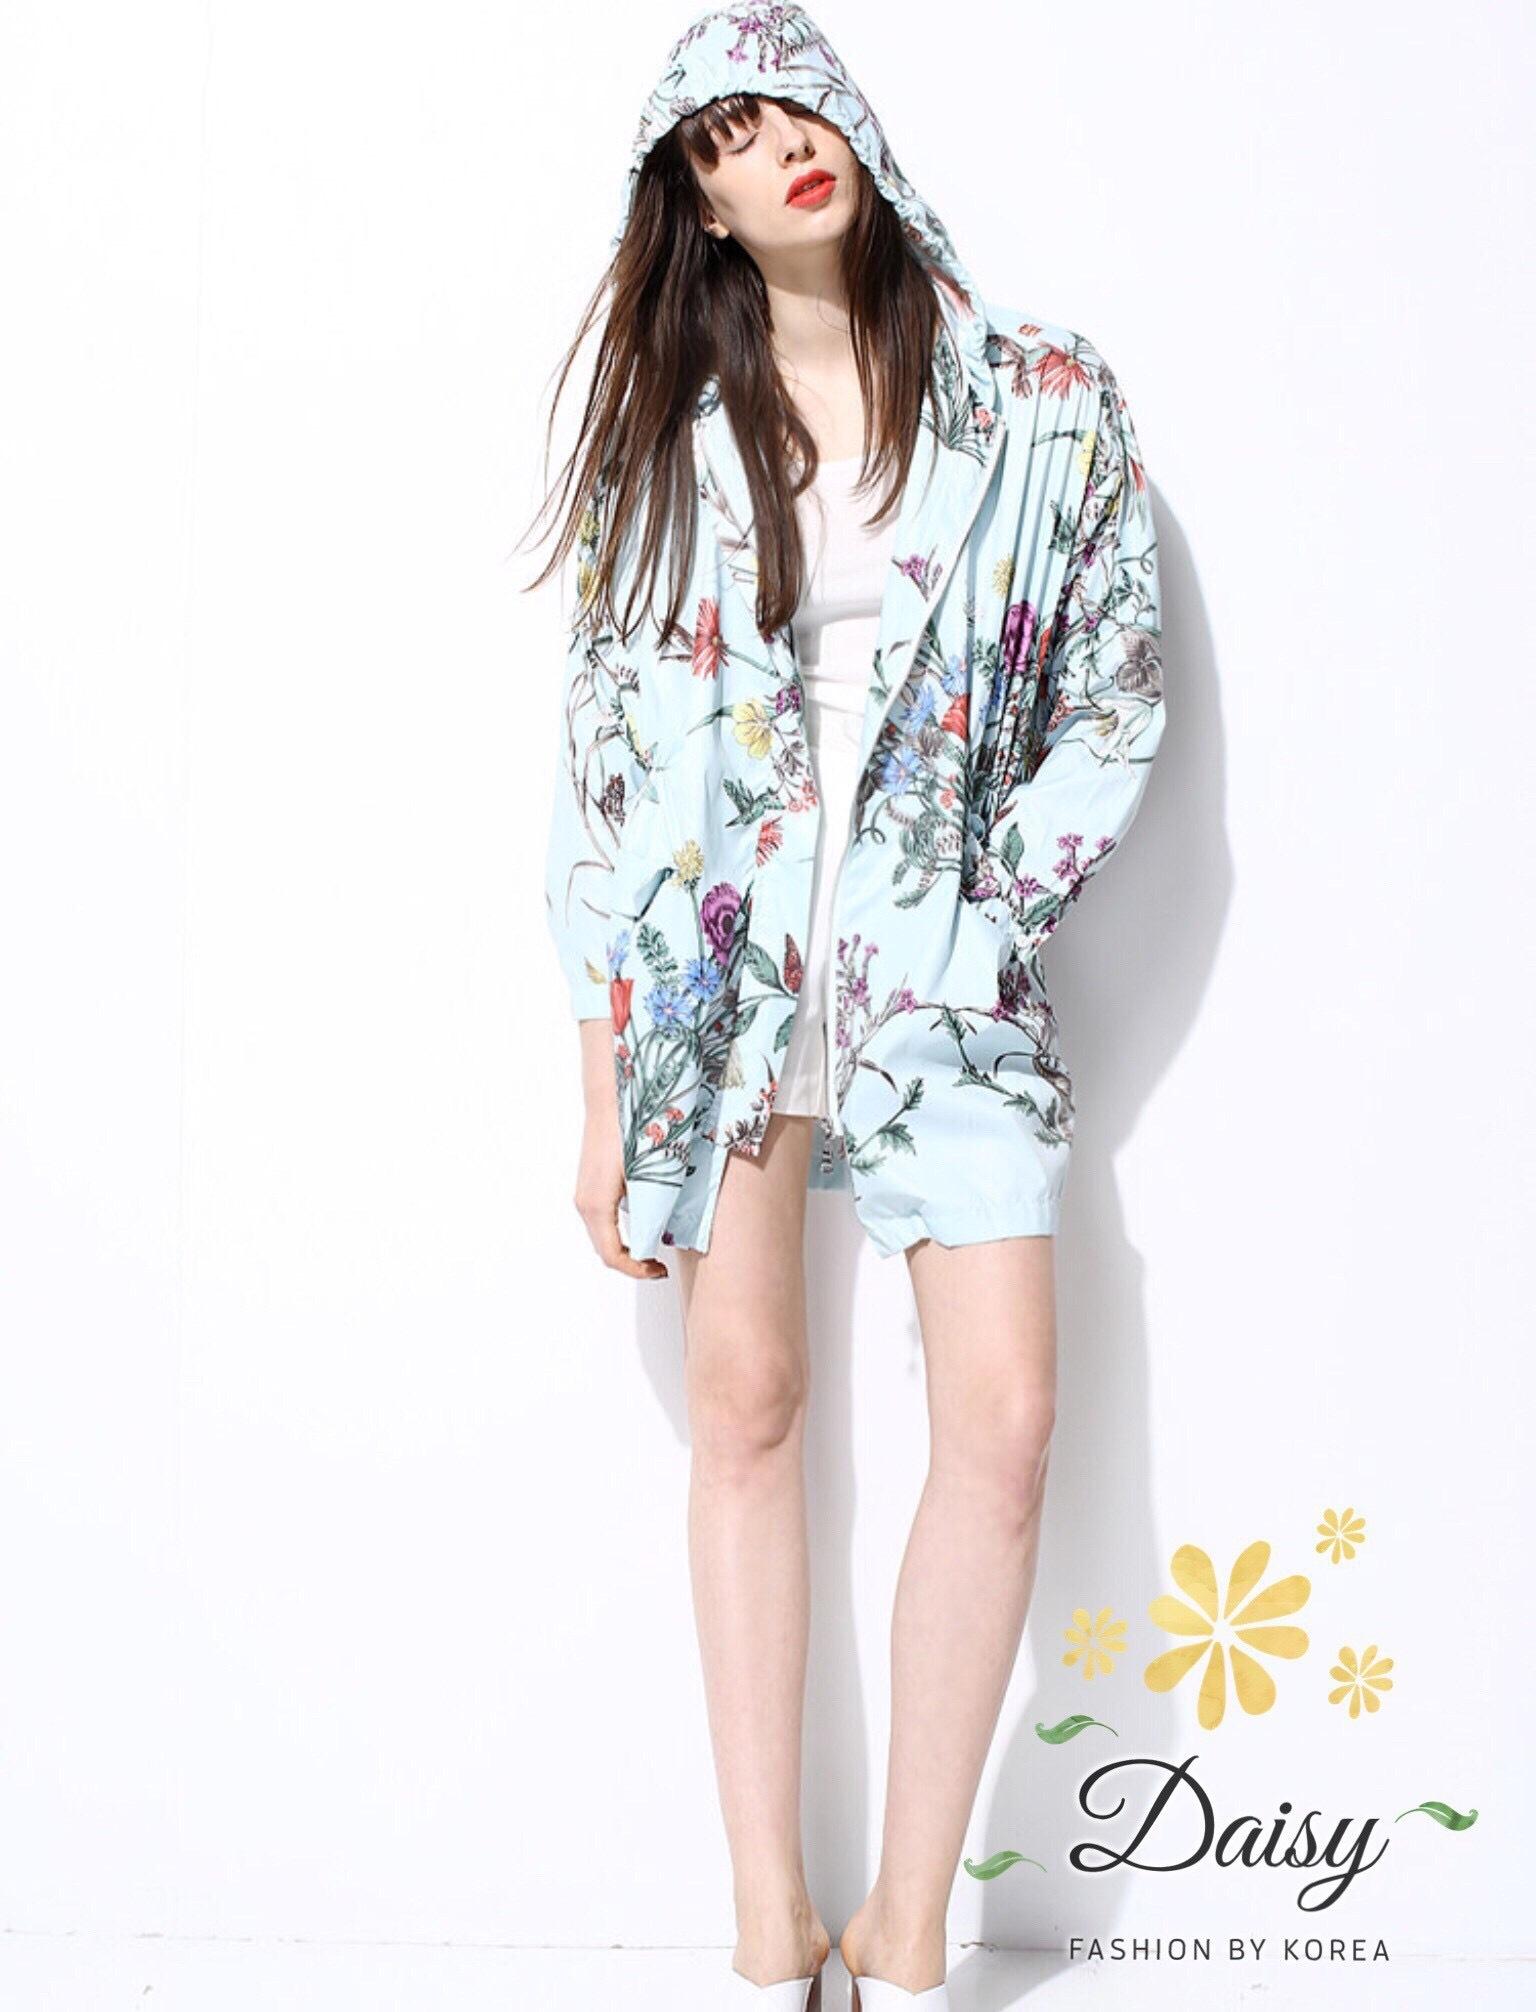 เสื้อผ้าเกาหลี พร้อมส่งGucci เสื้อพิมพ์ลายดอกไม้ผ้าพริ้วๆ